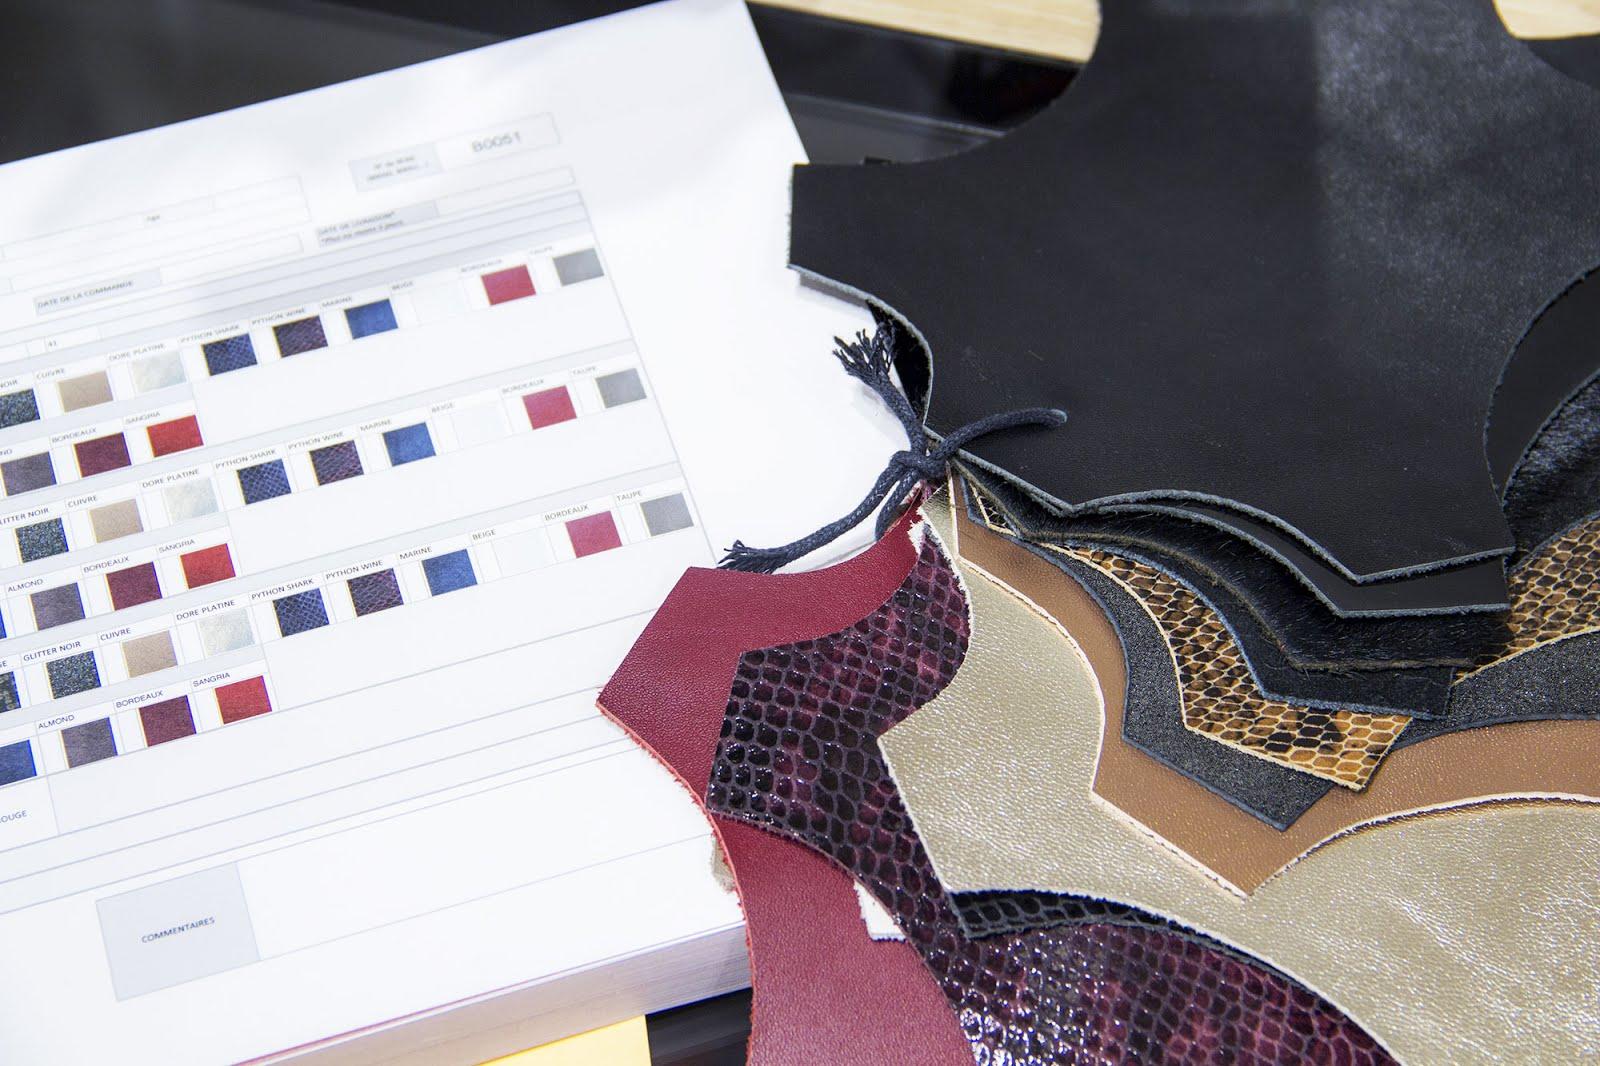 Personnalisation de chaussures